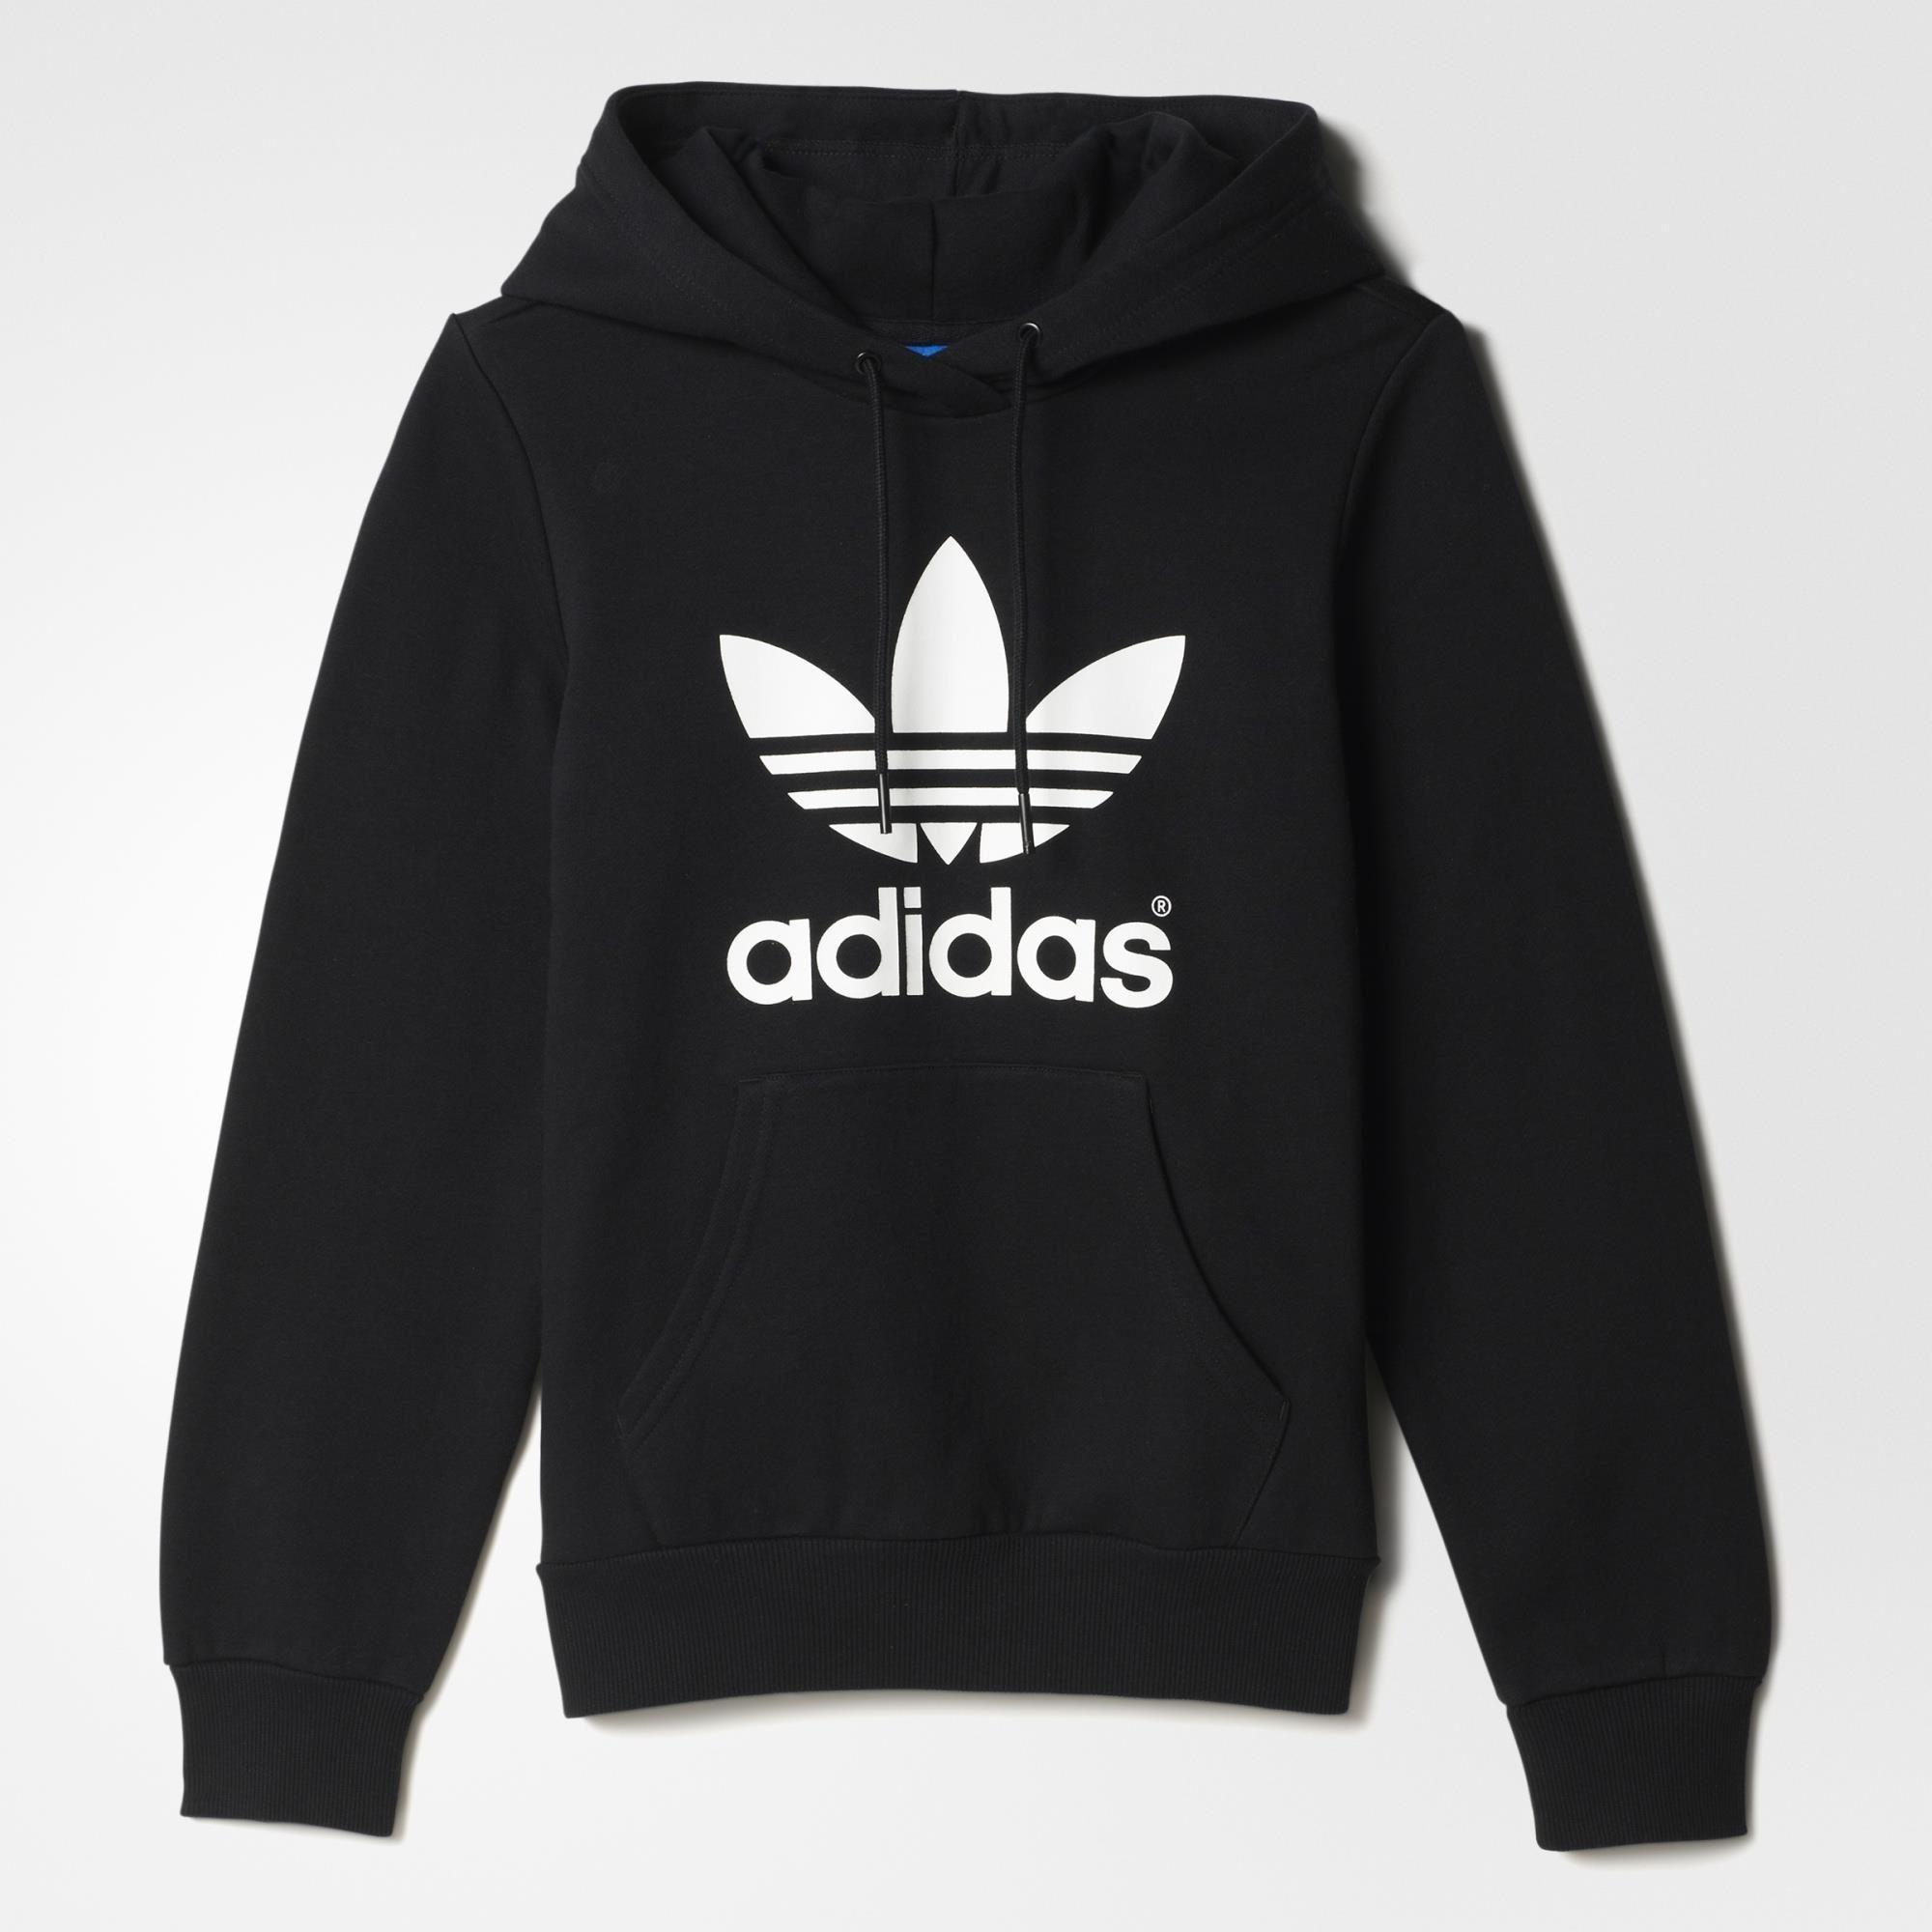 Adidas Trefoil Hoodie Black Adidas Uk Adidas Pullover Adidas Trefoil Hoodie Hoodies [ 2000 x 2000 Pixel ]